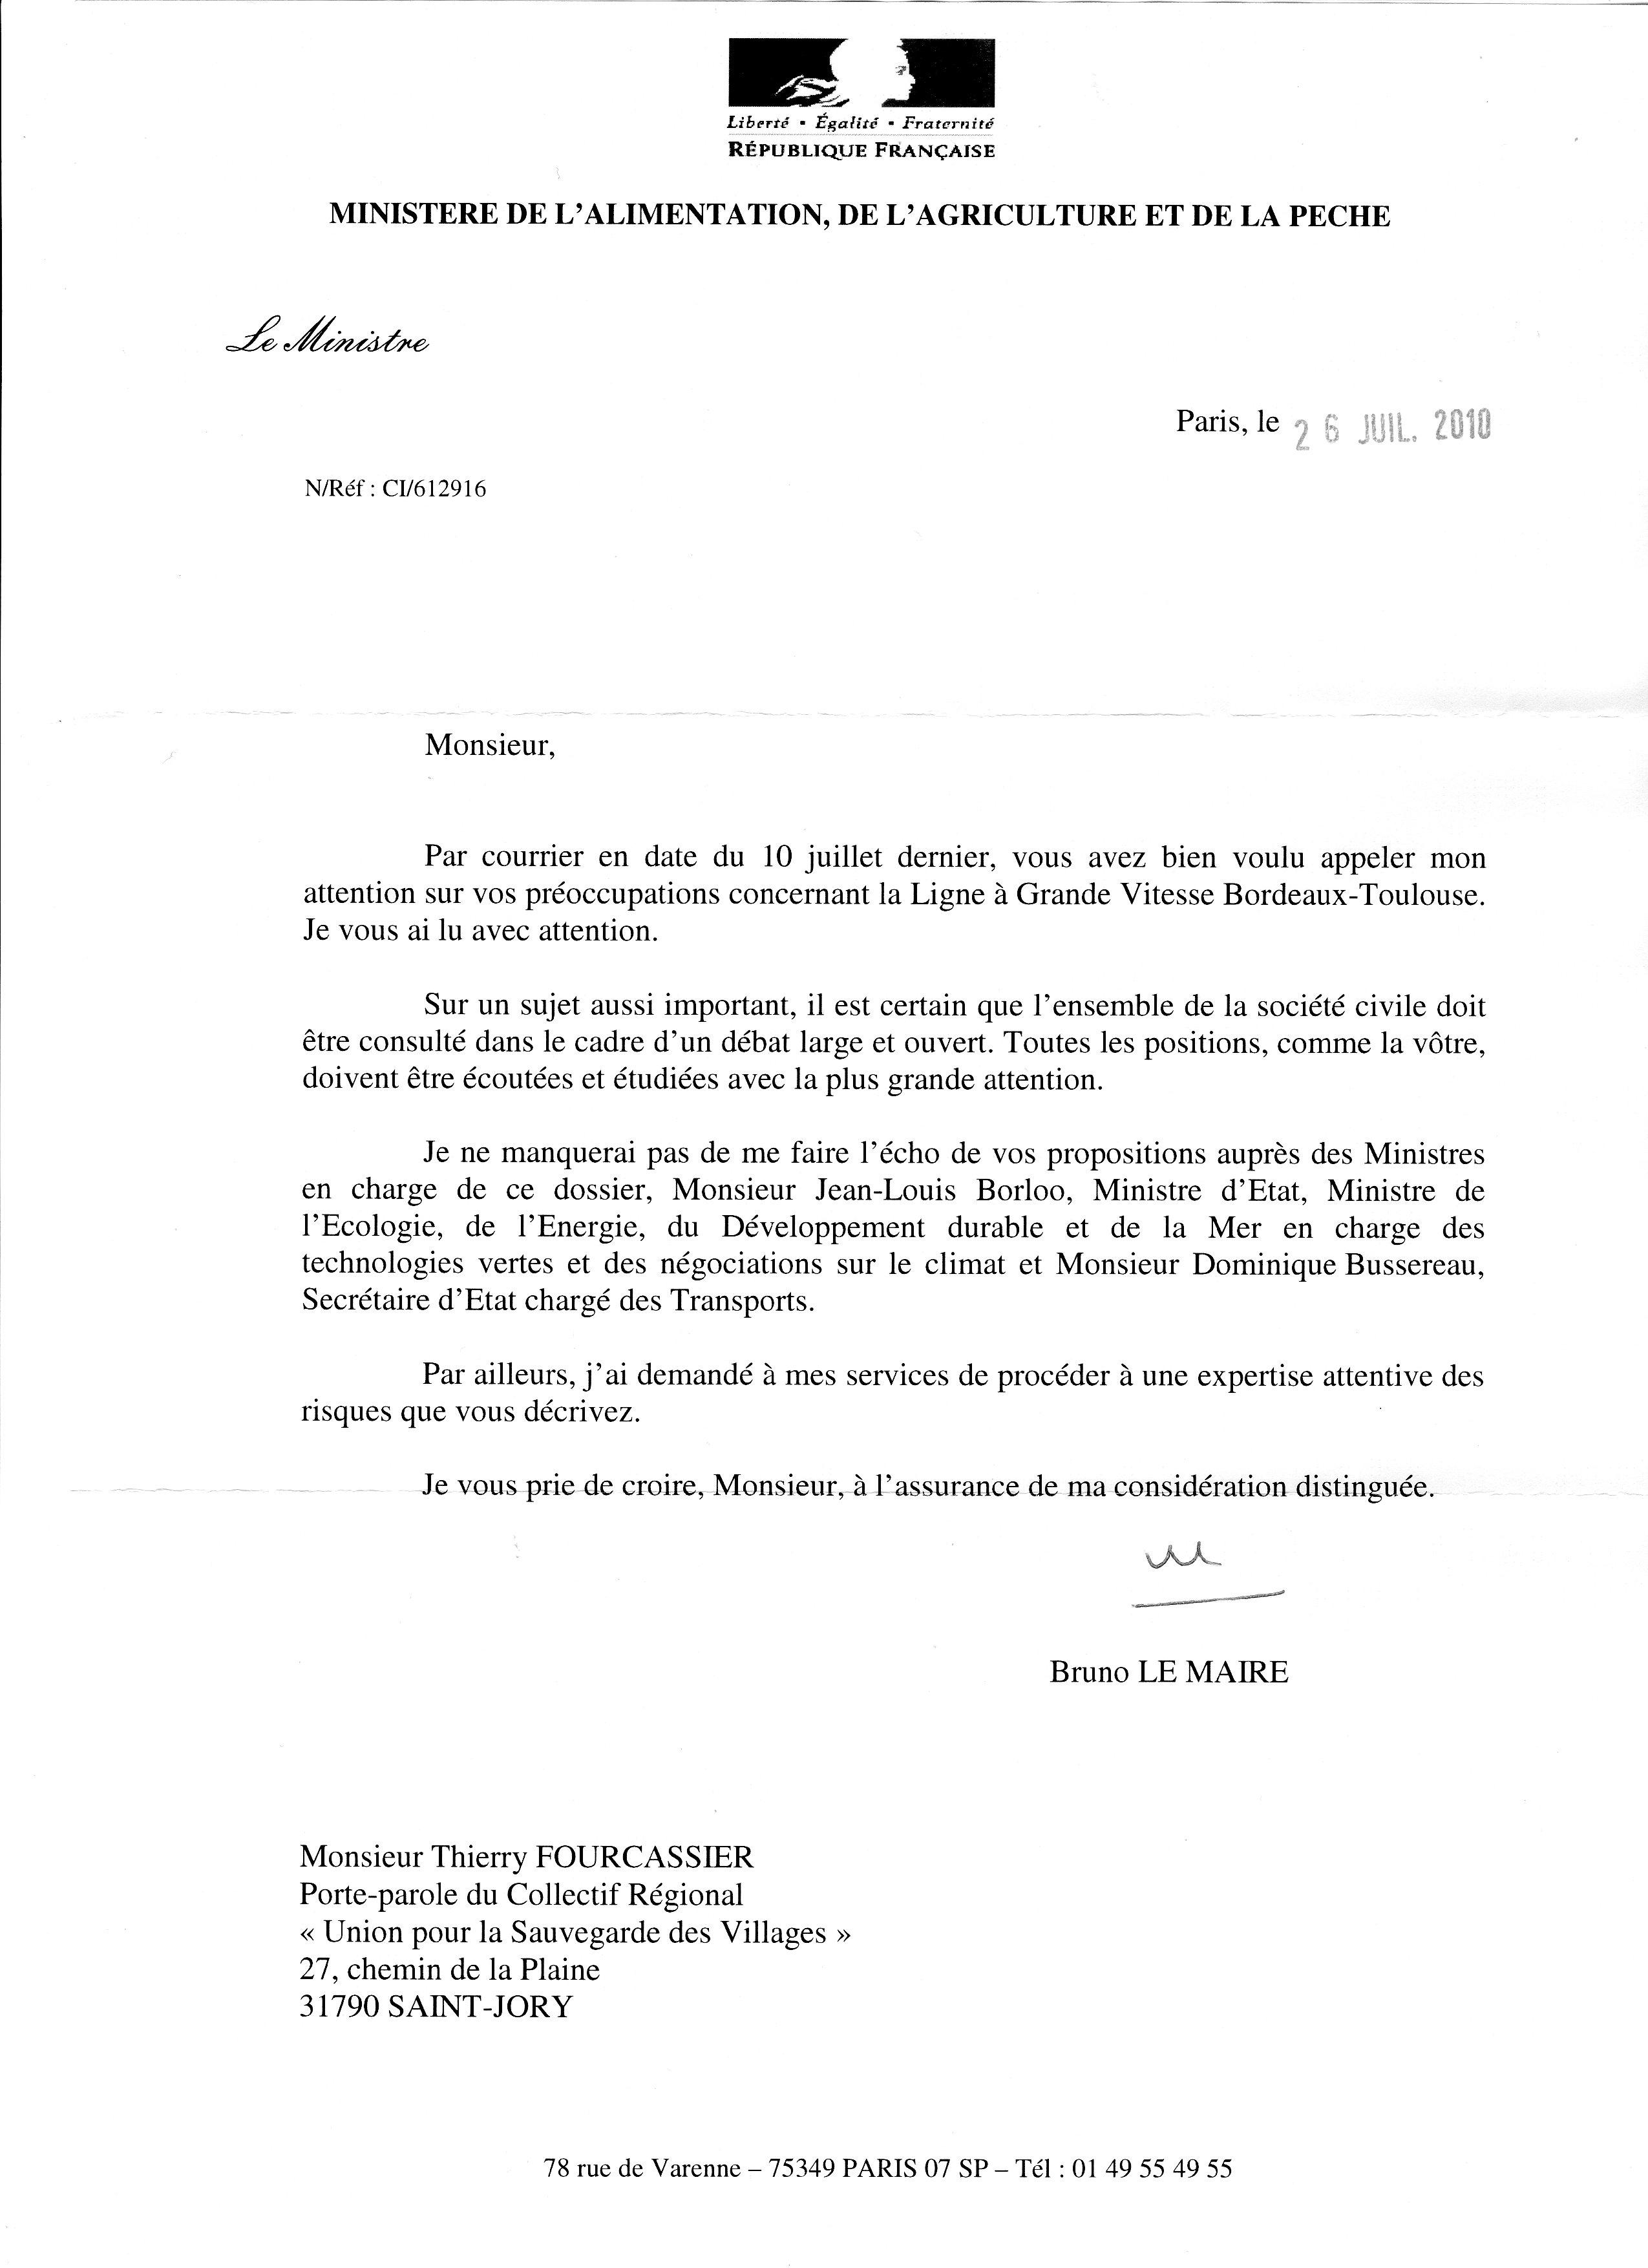 Réponse du ministre de l'agriculture à l'USV dans LGV bordeaux toulouse 20100727reponseusvministreagriculture